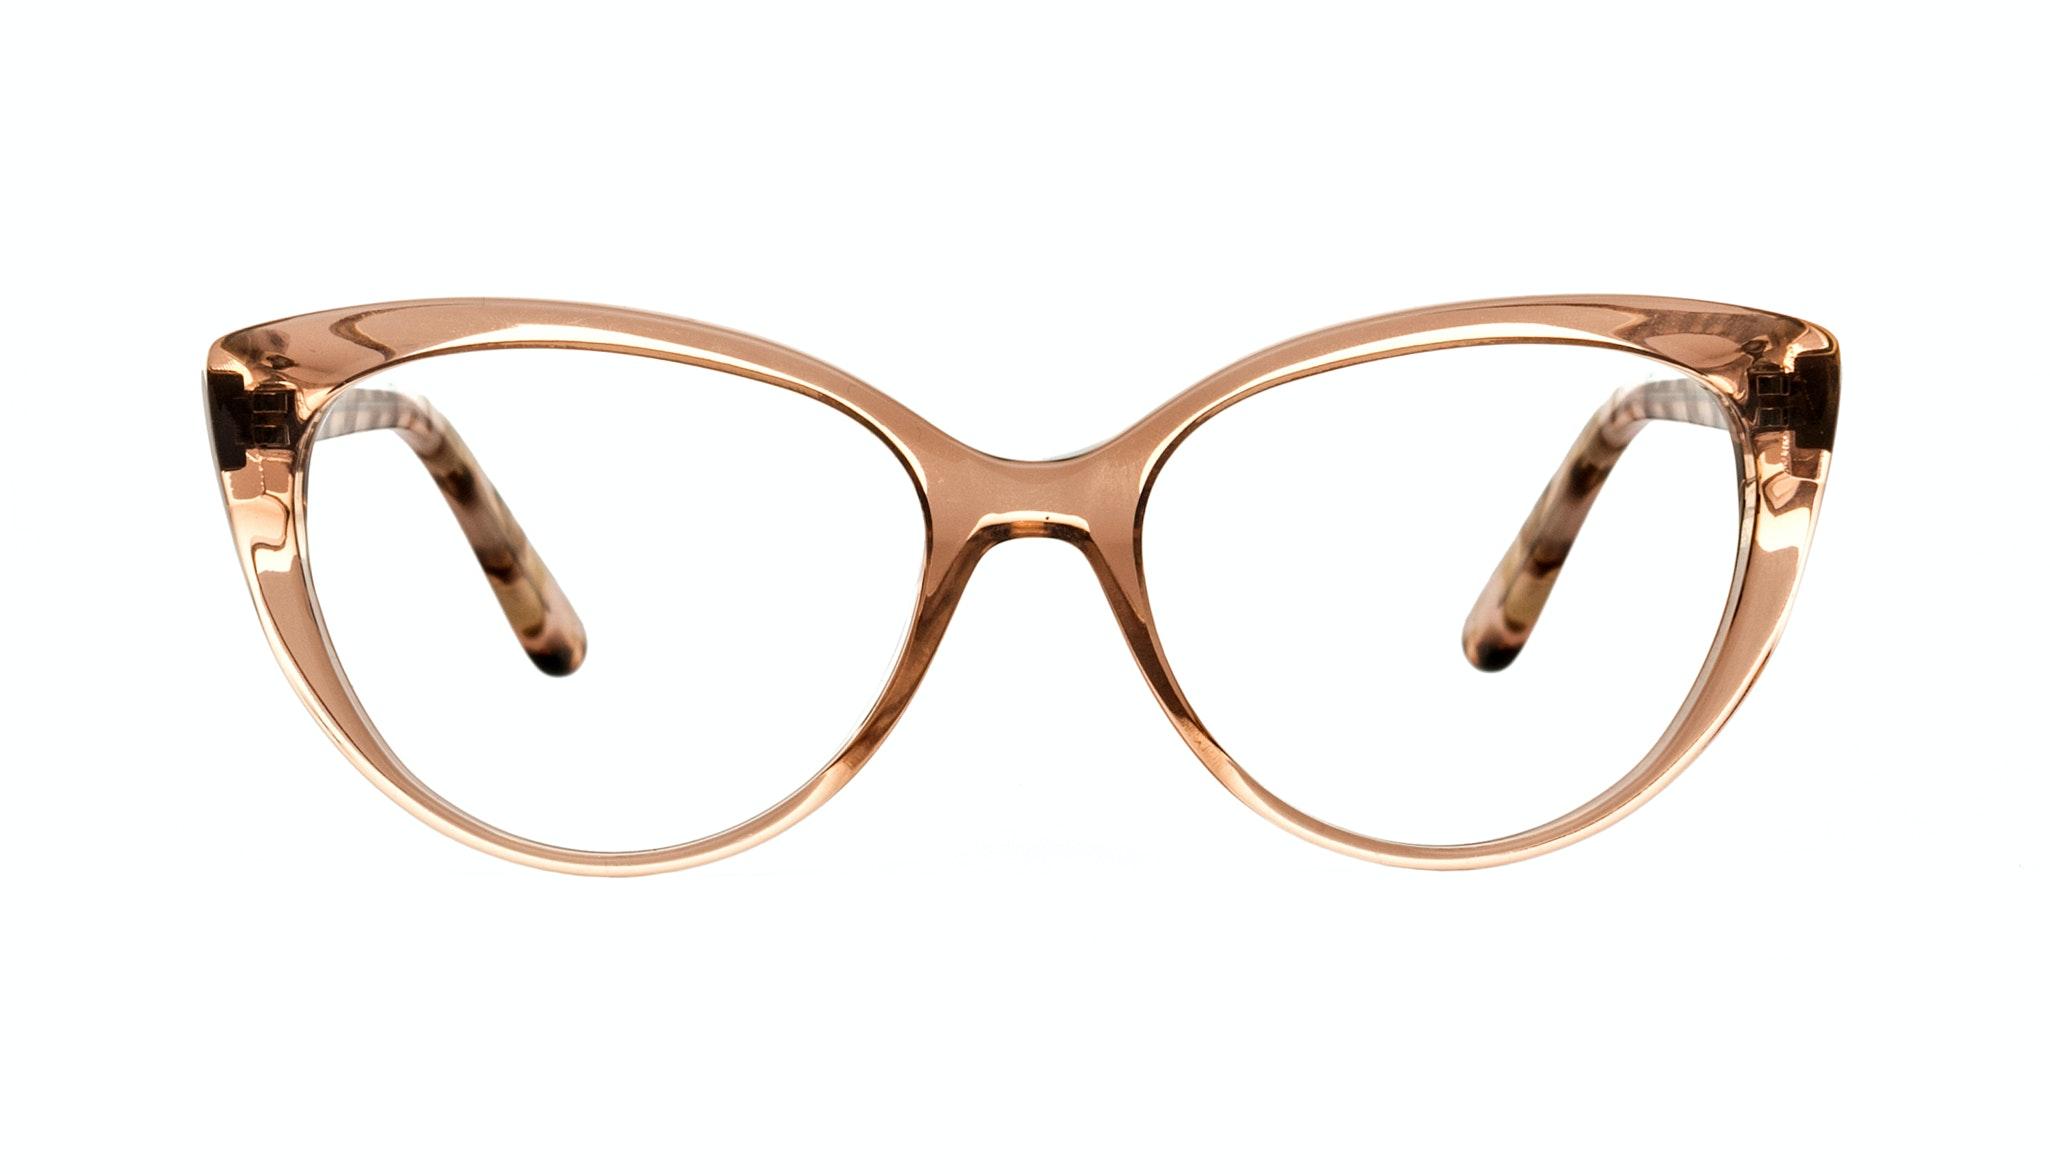 Affordable Fashion Glasses Cat Eye Eyeglasses Women Bliss Rose Tortoise Front